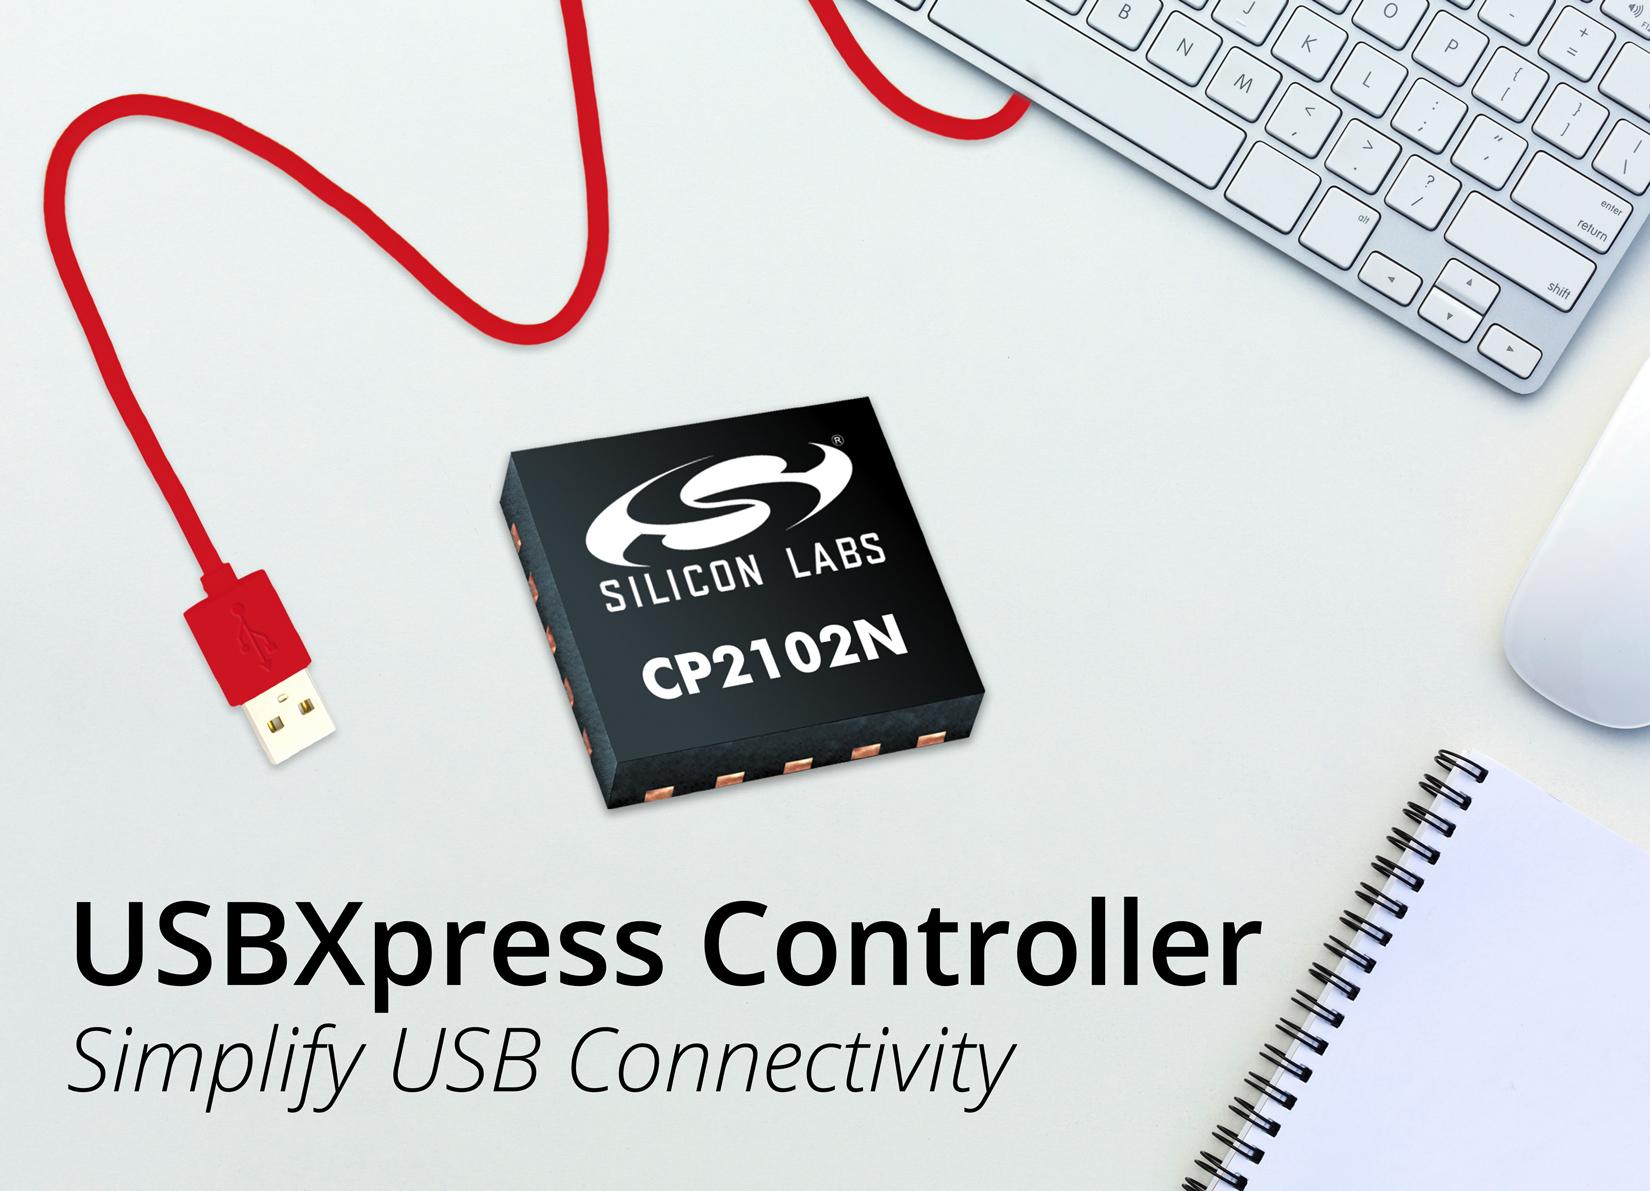 USBXPRESS WINDOWS 8.1 DRIVERS DOWNLOAD